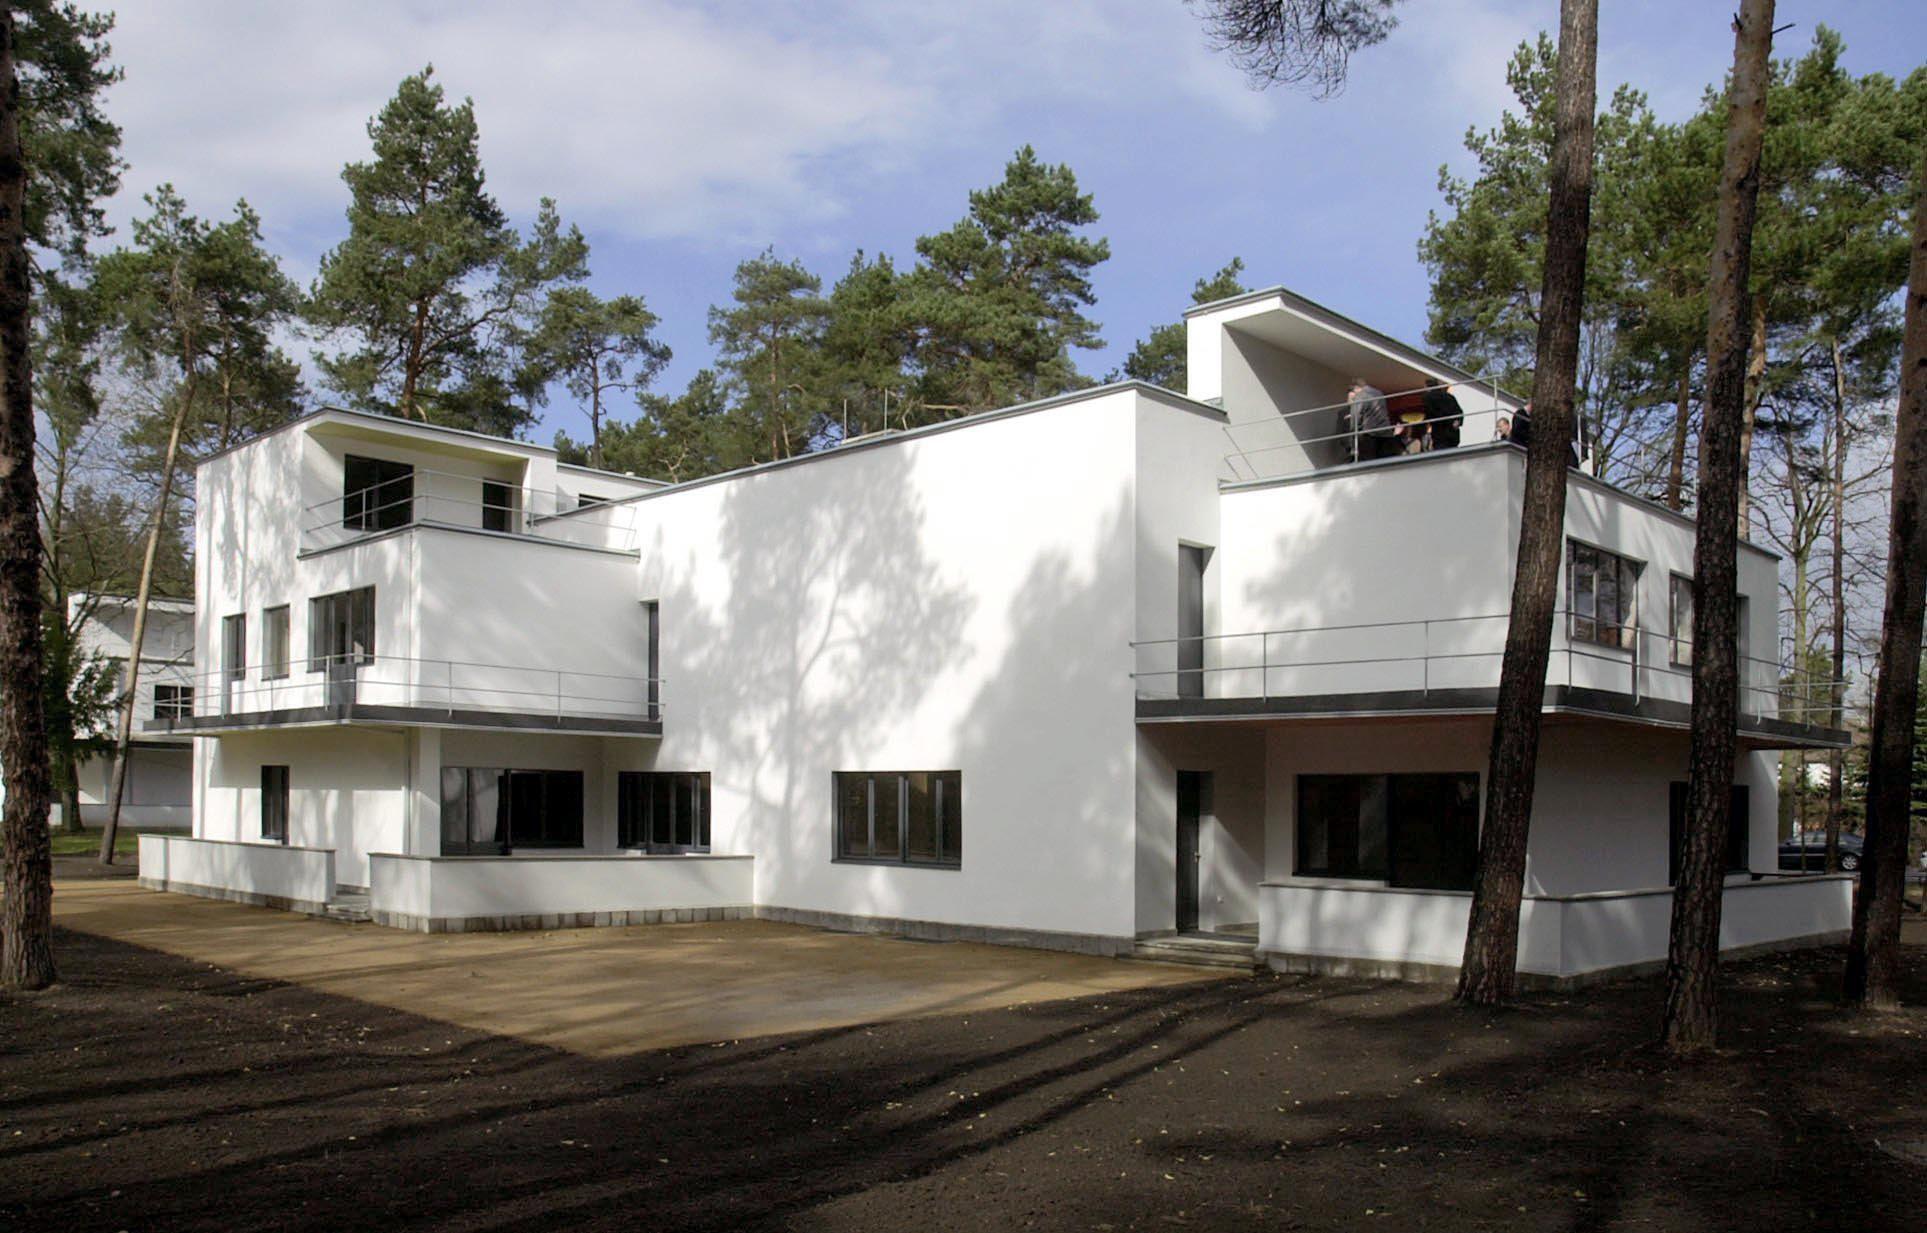 Bild zu Bauhaus-Architektur